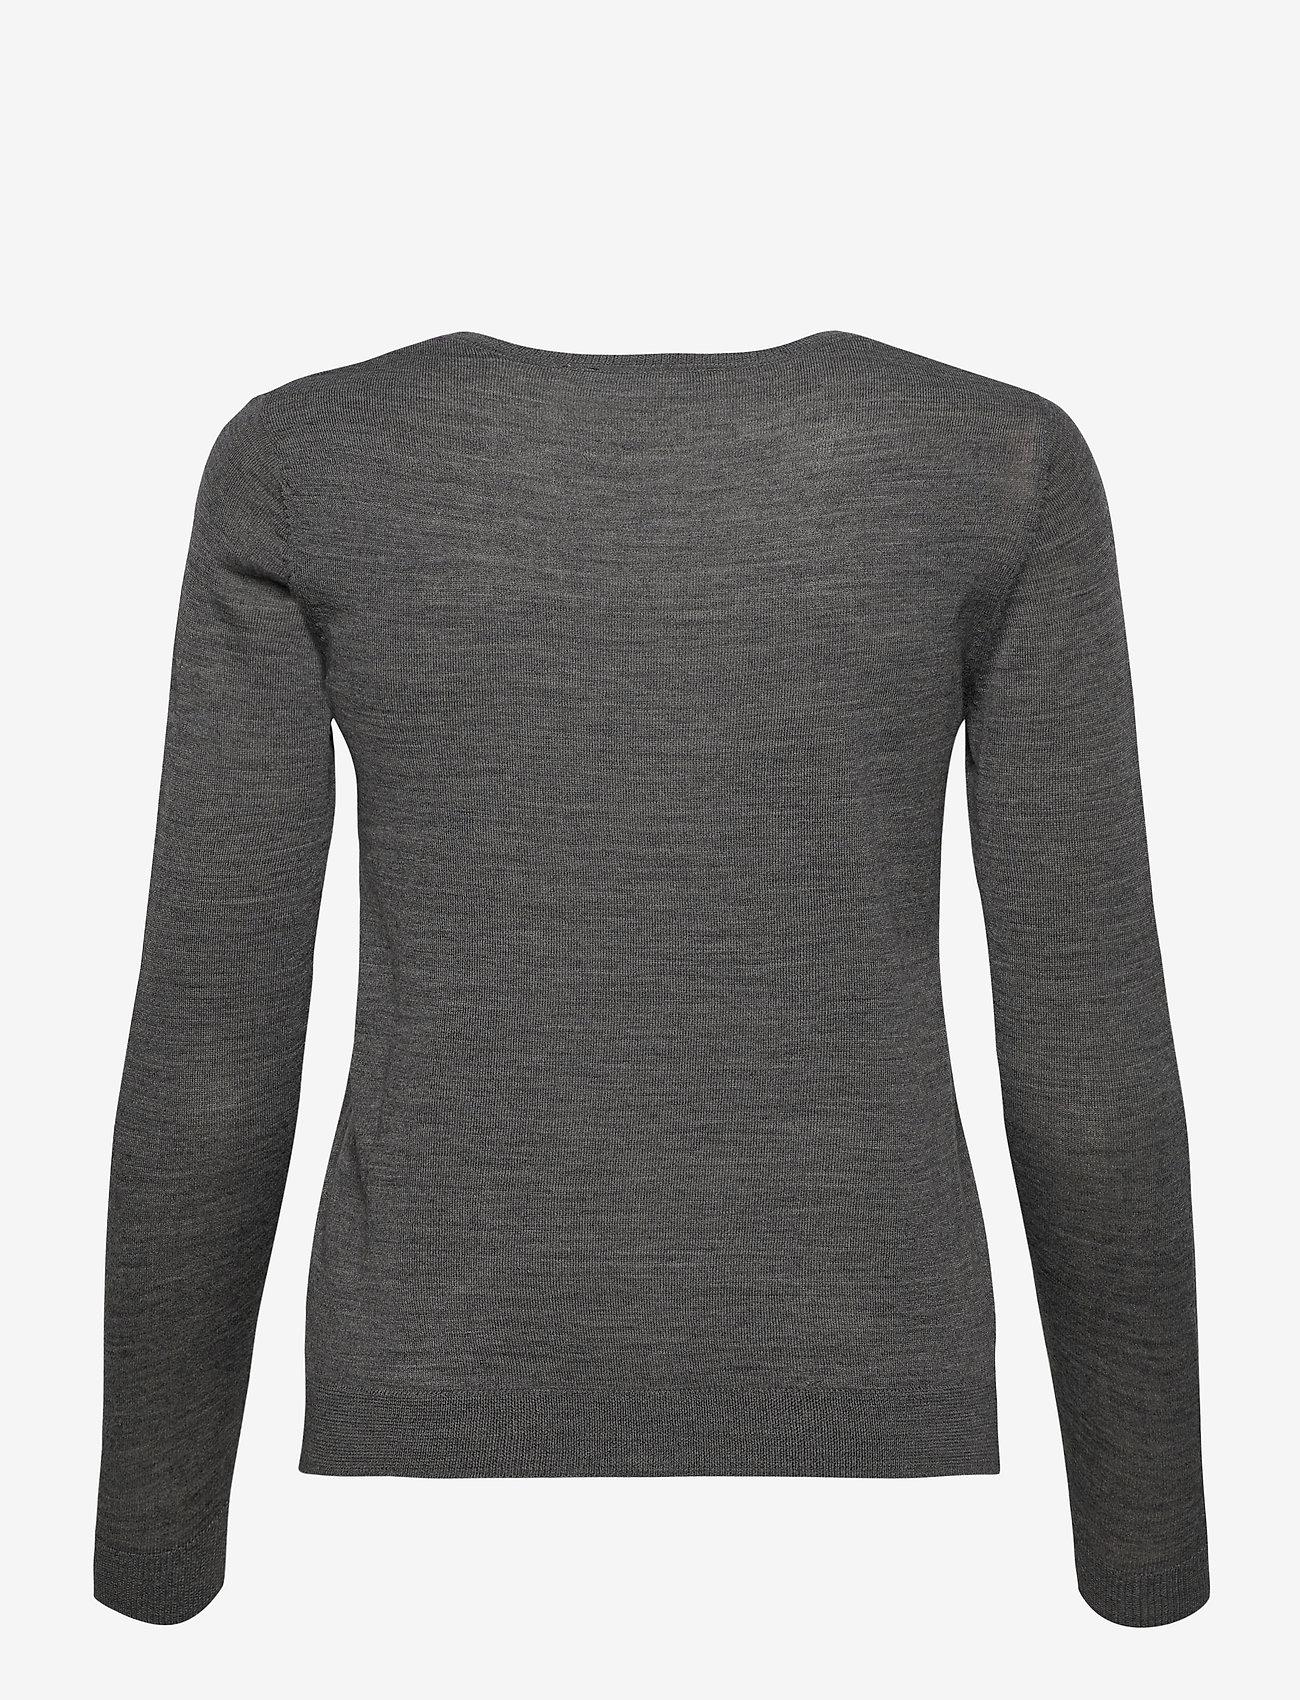 Rosemunde - Merino pullover ls - truien - medium grey melange - 1